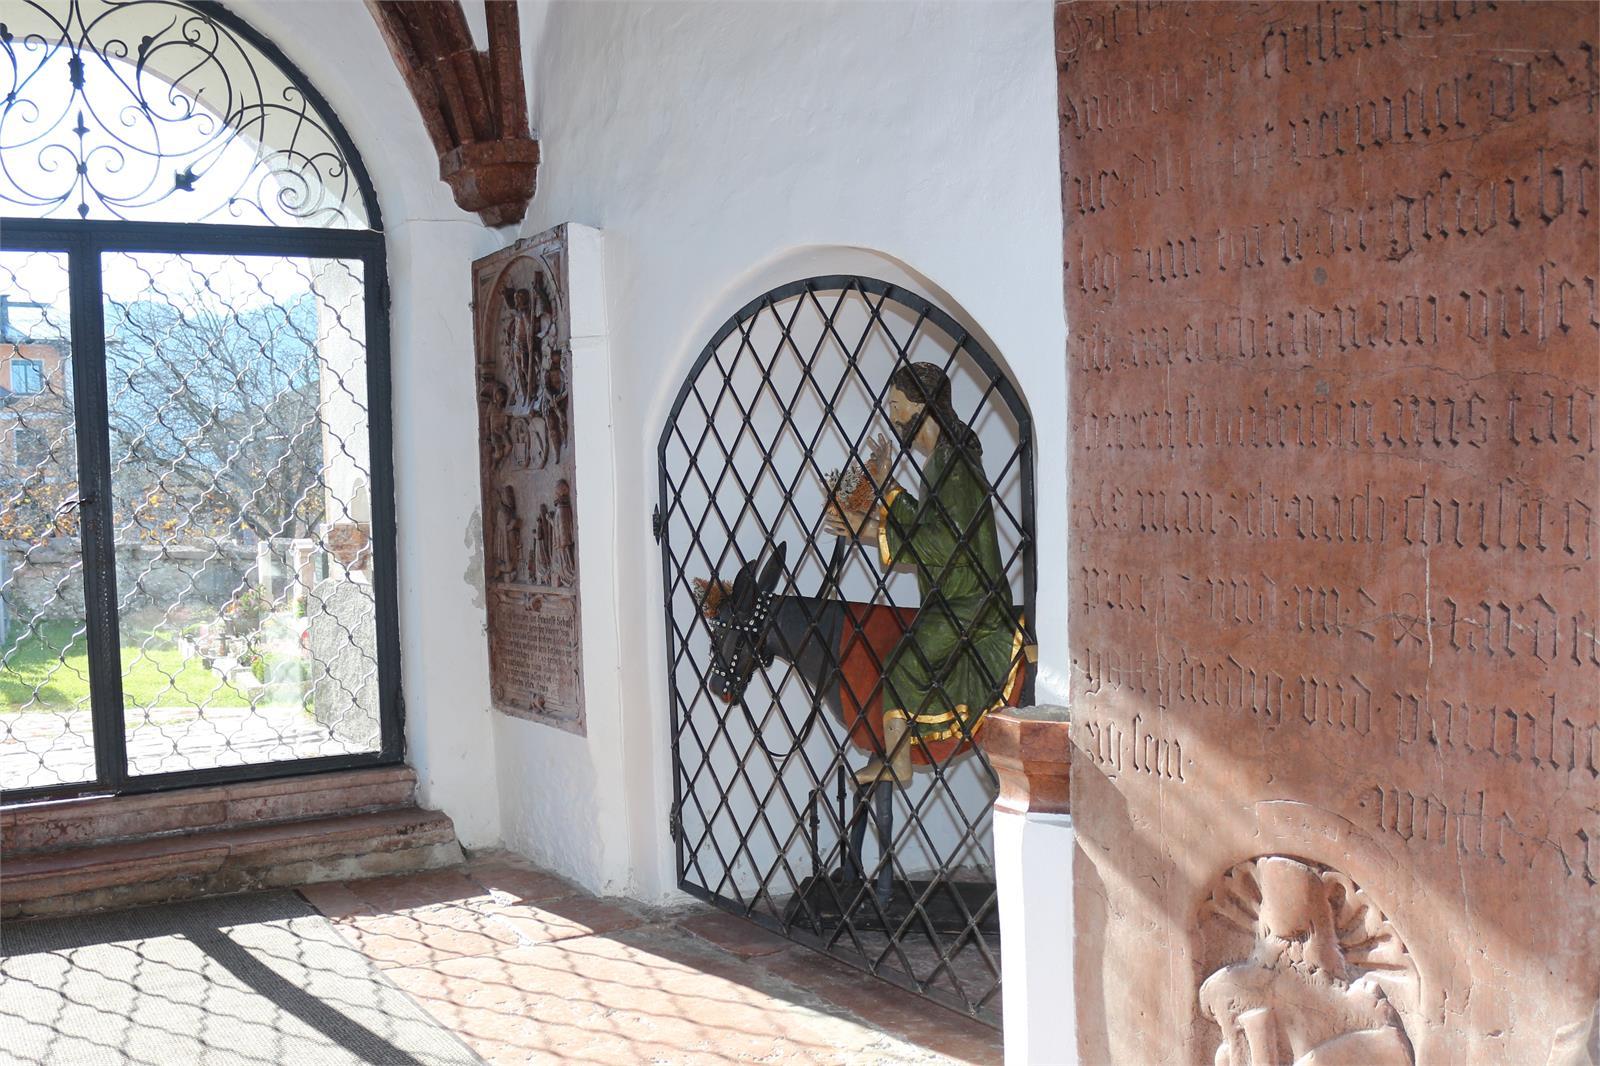 Pucher Palmeseln im Glockhaus in der Pfarrkirche Puch | ©TVB Puch